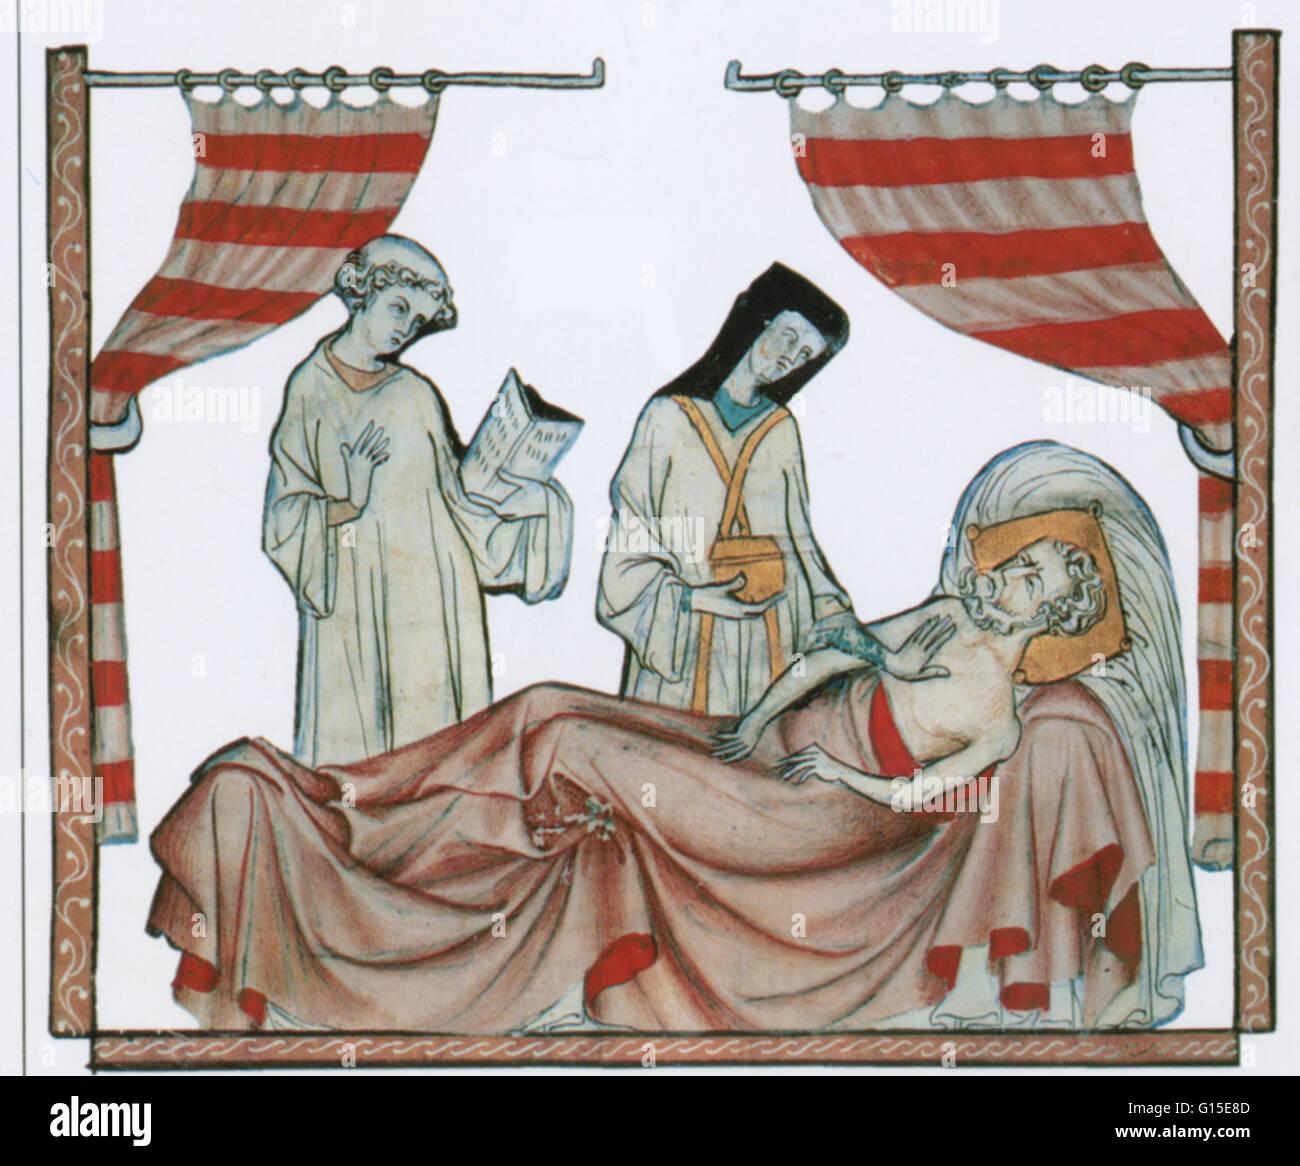 Sacerdote unge a morire l'uomo con l'olio santo. La gente del Medio Evo ritenevano importante die correttamente. Immagini Stock